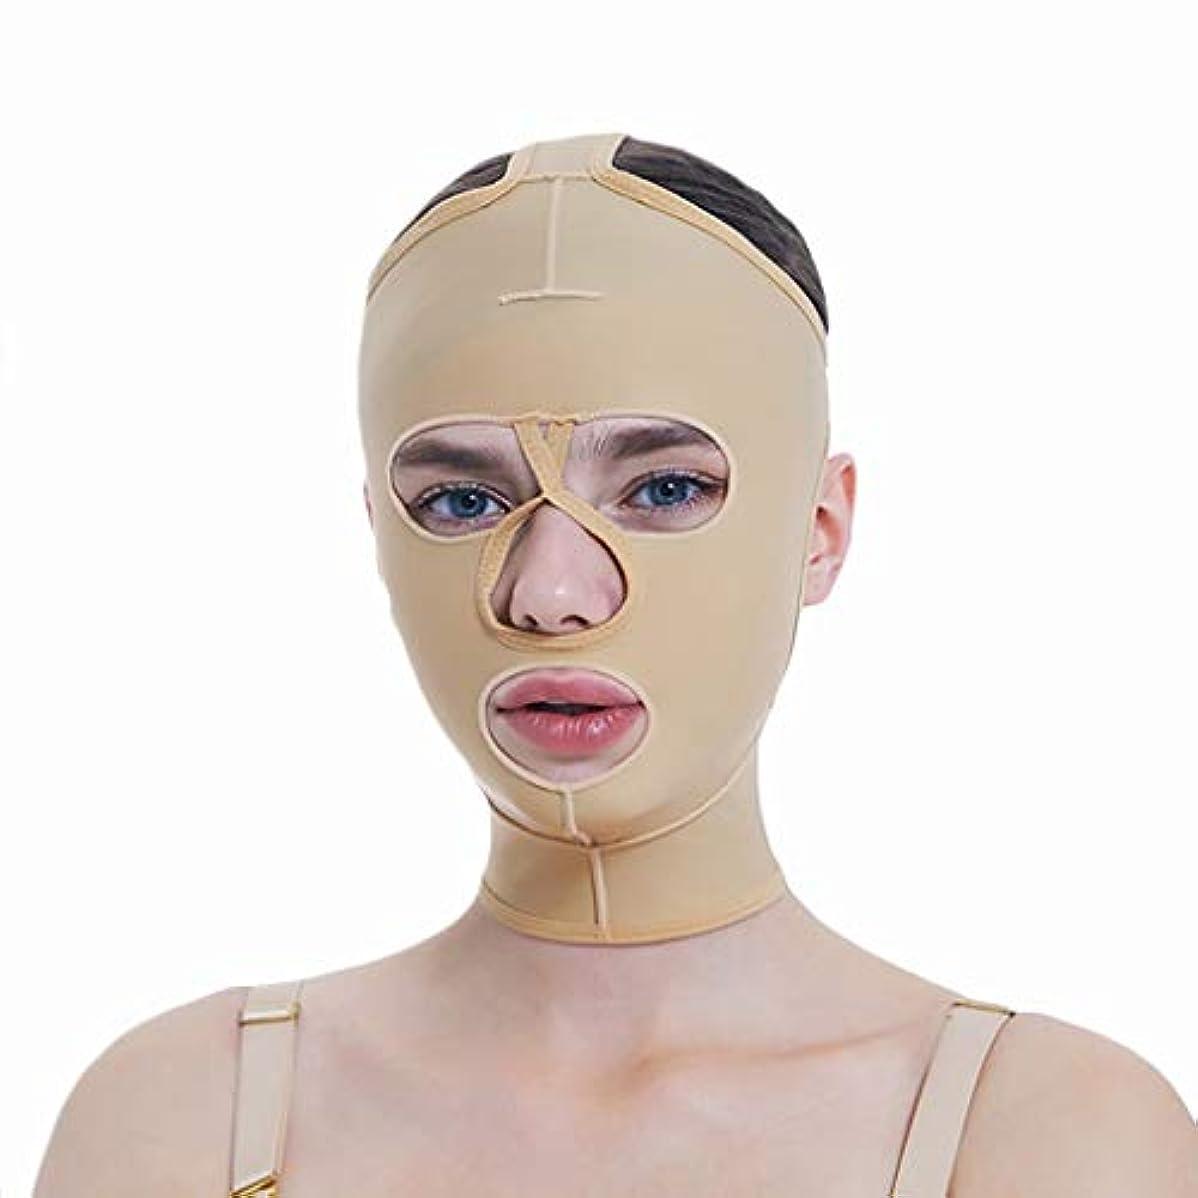 四ジョグ和顔の減量マスク、フルカバレッジ包帯、フルフェイスリフティングマスク、フェイスマスク、快適で通気性、リフティングシェーピング (Size : XL)